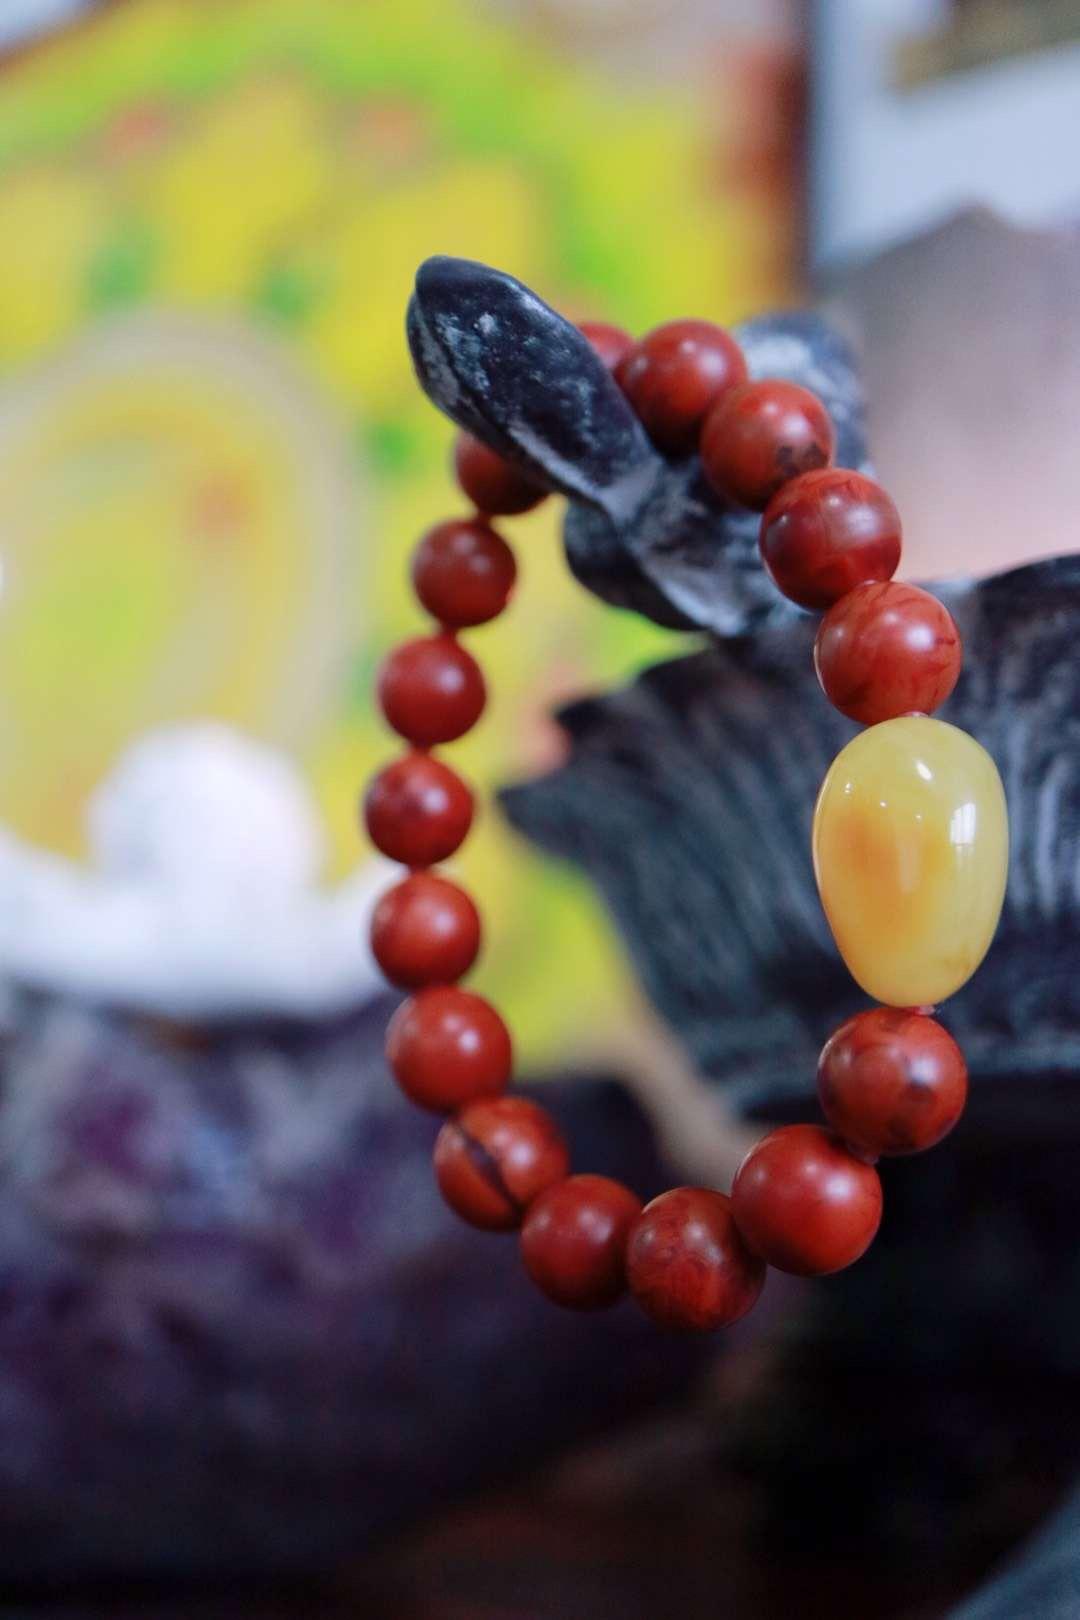 【菩心 | 包浆南红玛瑙】凉山深处最神秘的一抹红-菩心晶舍